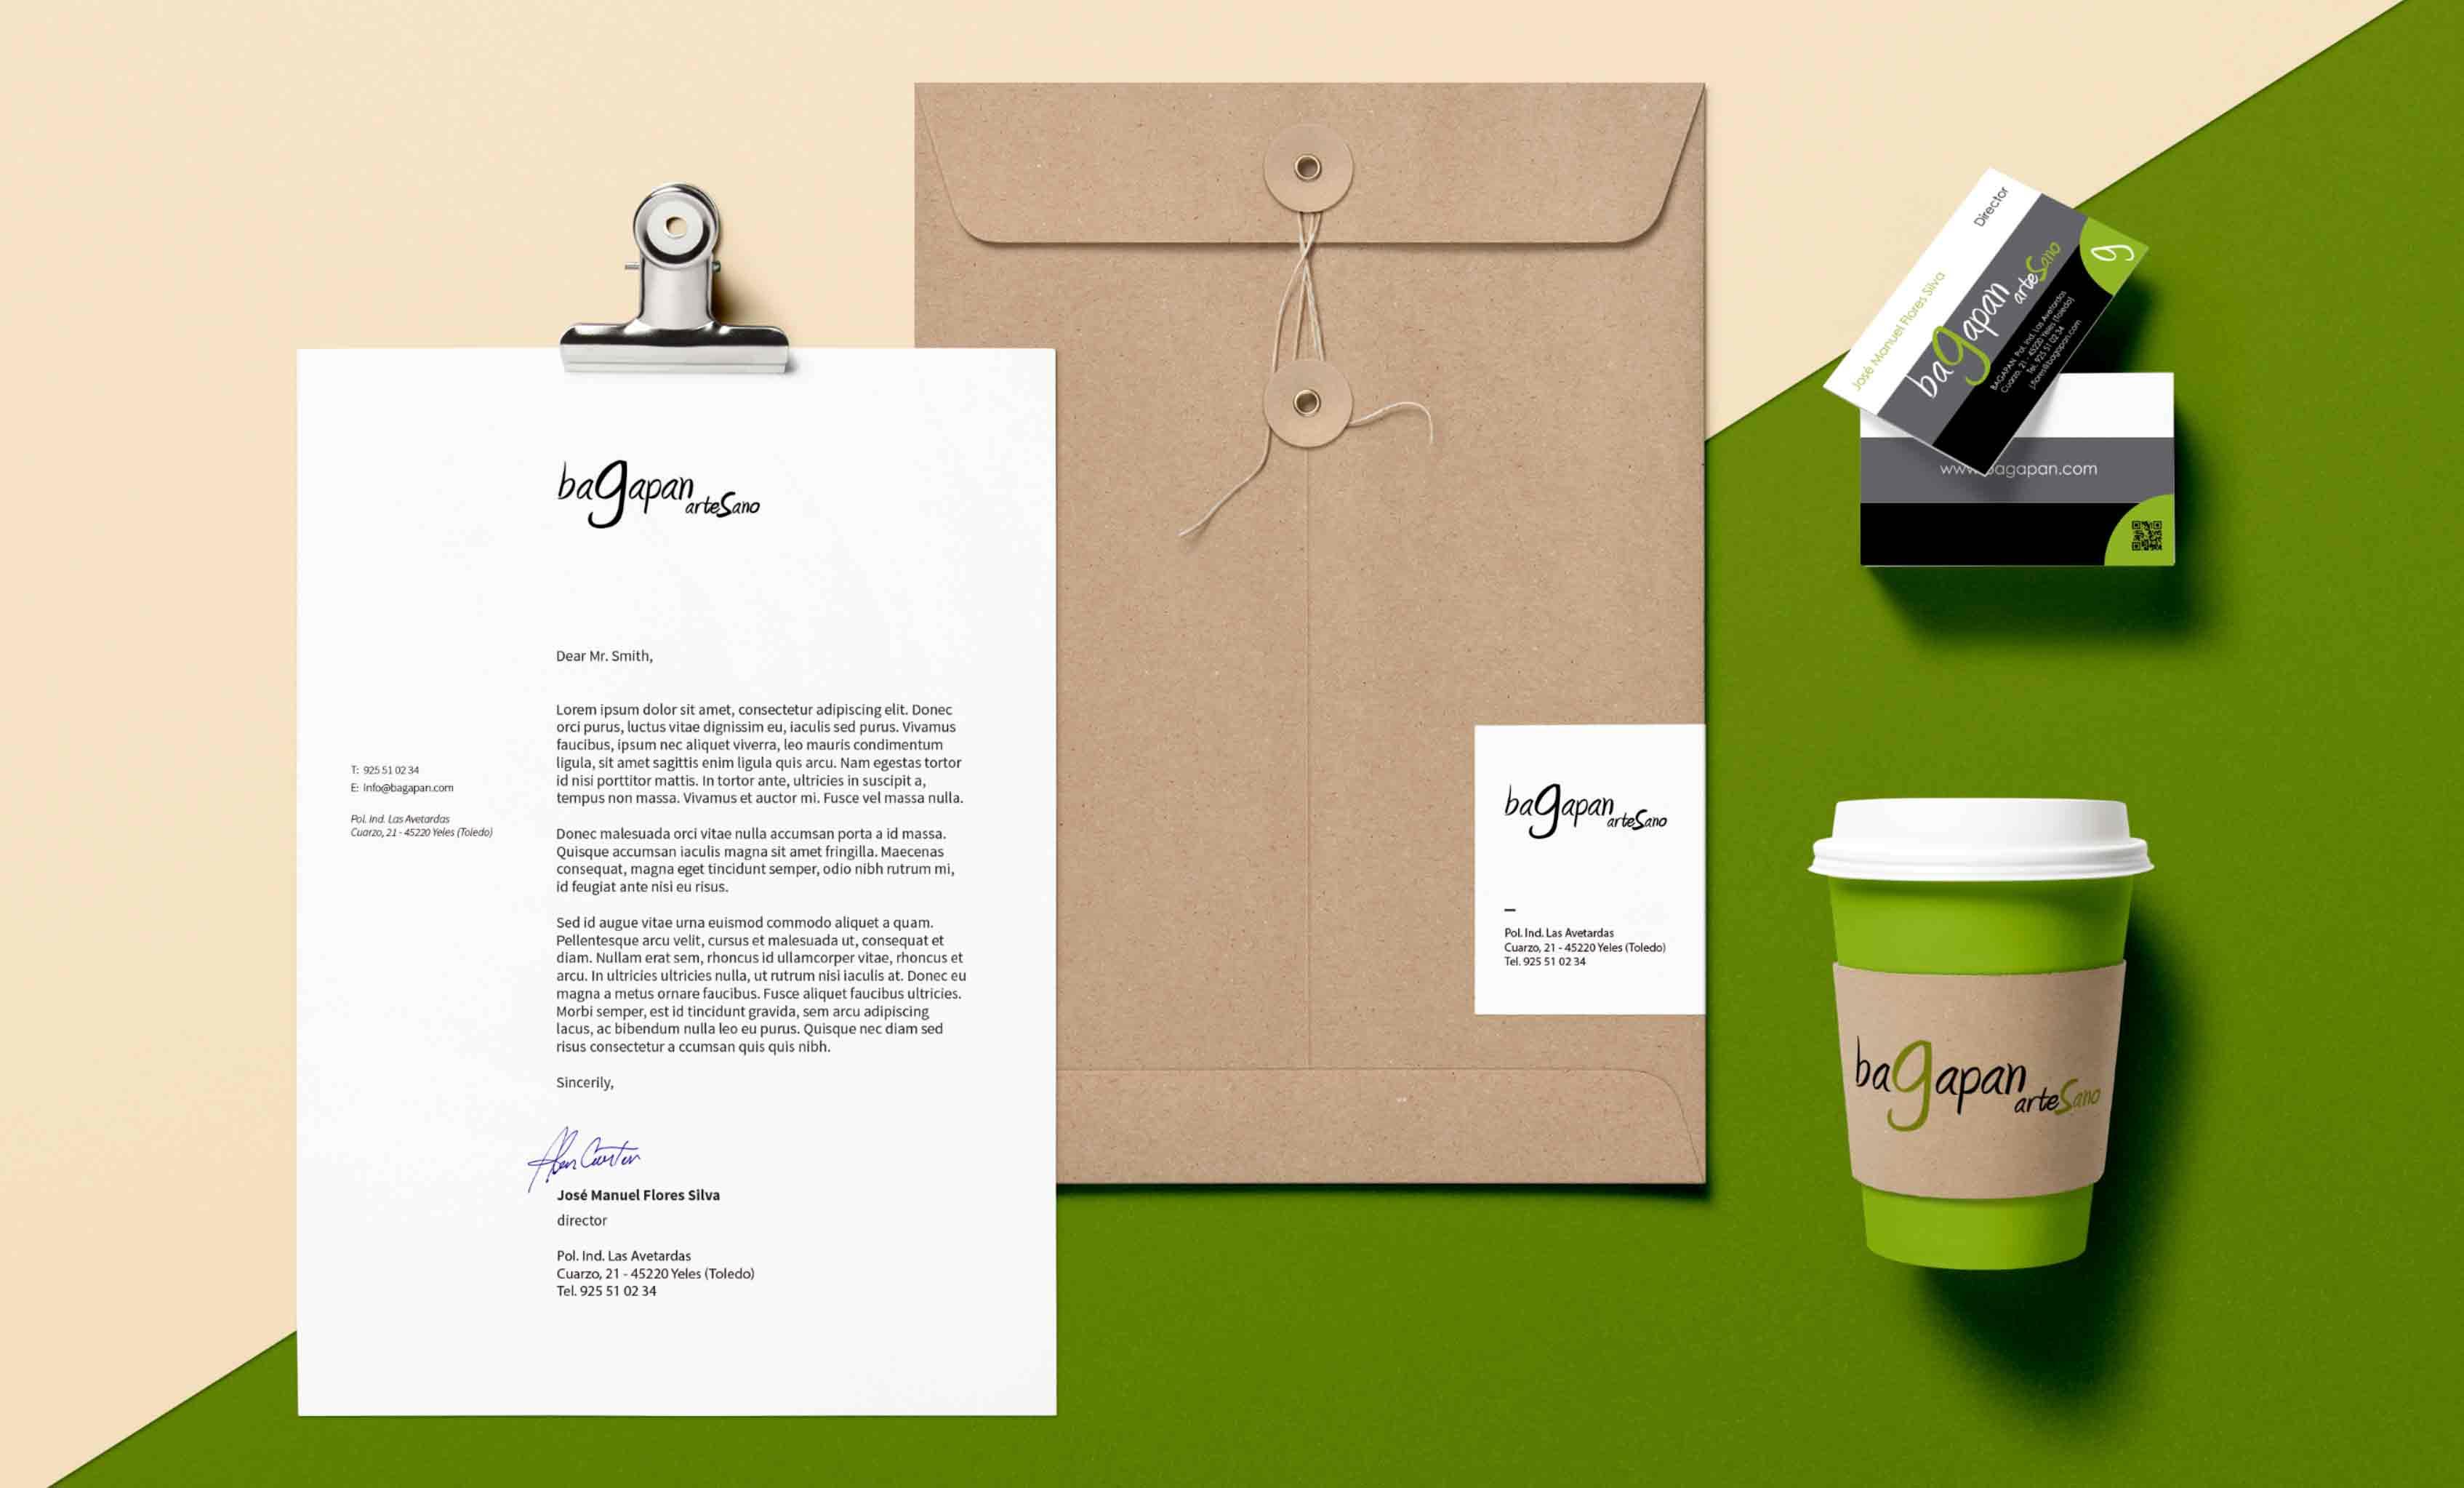 Diseño de la identidad corporativa de Bagapan Artesano